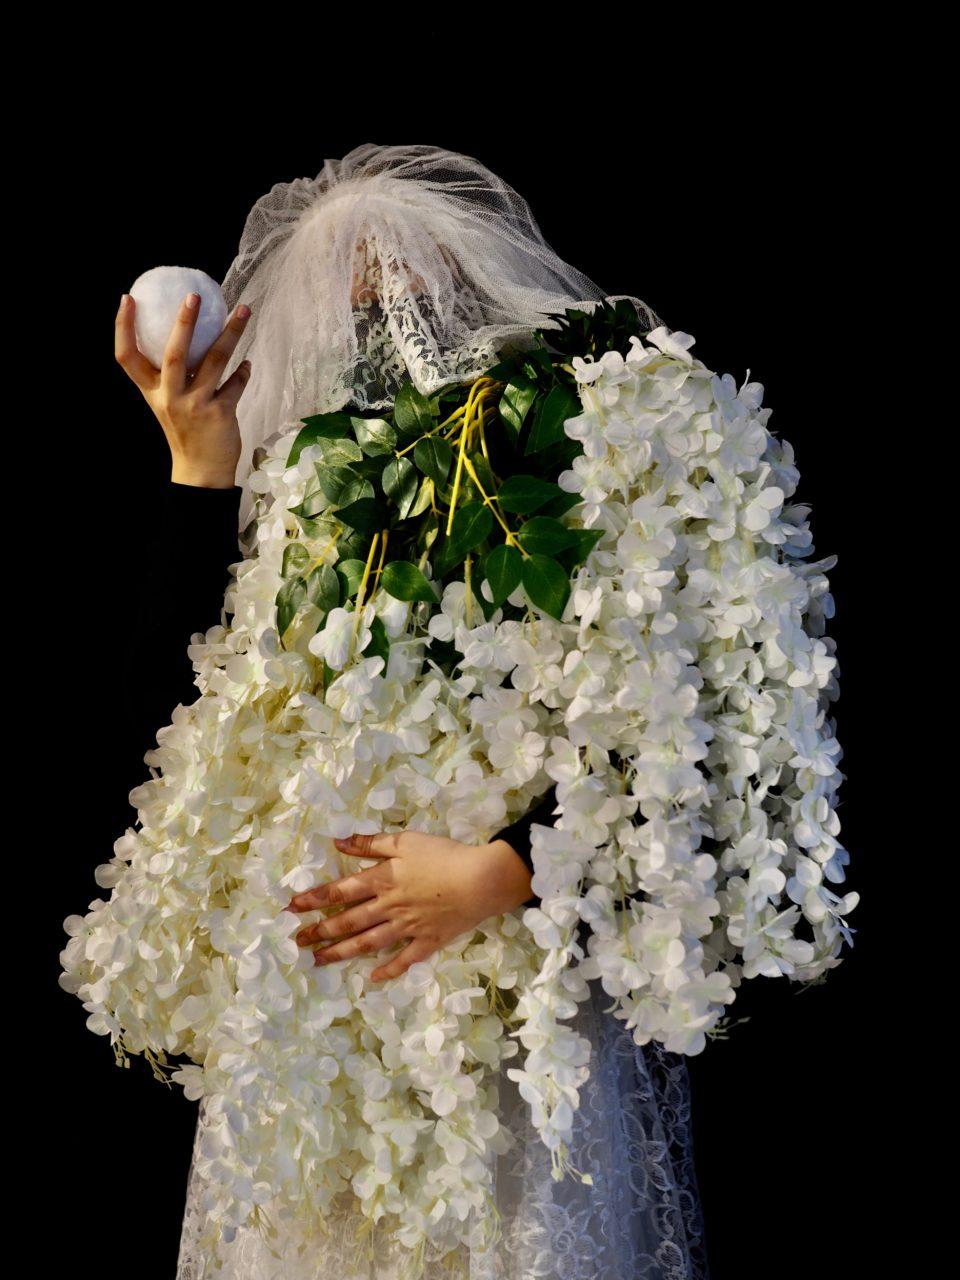 Jemand ist vollständig verschleiert mit künstlichen Pflanzen und einem weißen Gesichtsschleier. Man erkennt nicht, ob Mann, Frau, Mädchen oder Junge. Die Person hält einen kleinen weißen Stoffball in einer Hand hoch wie ein antikes Attribut.